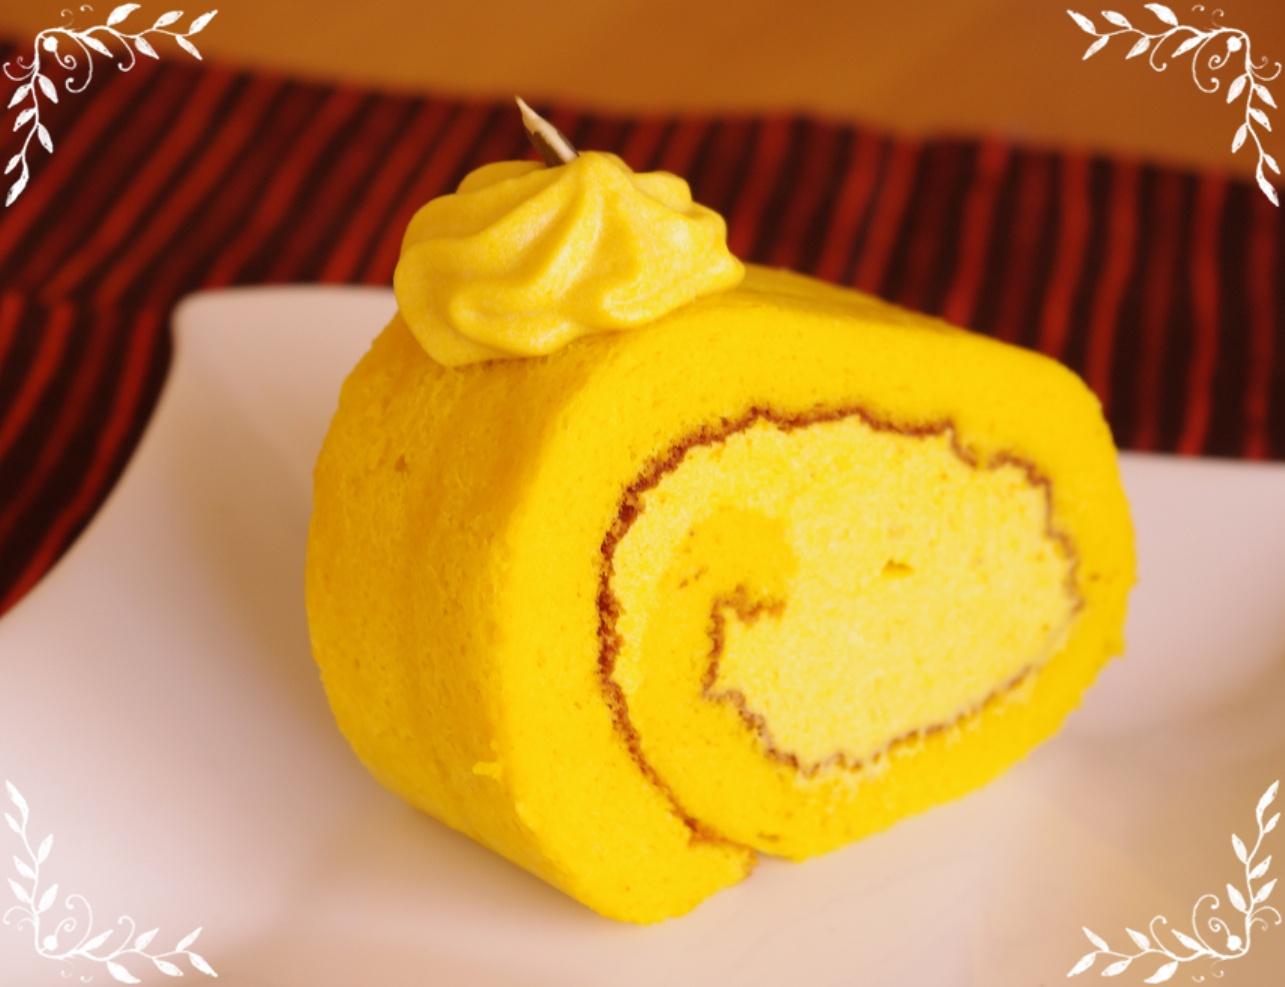 黄身を白っぽくなるまで混ぜたり、生クリーム立てたり、生地を均一に流したり、ケーキ巻いたりとすべての工程がなんか新鮮! ここ最近メレンゲかバターかの作業が